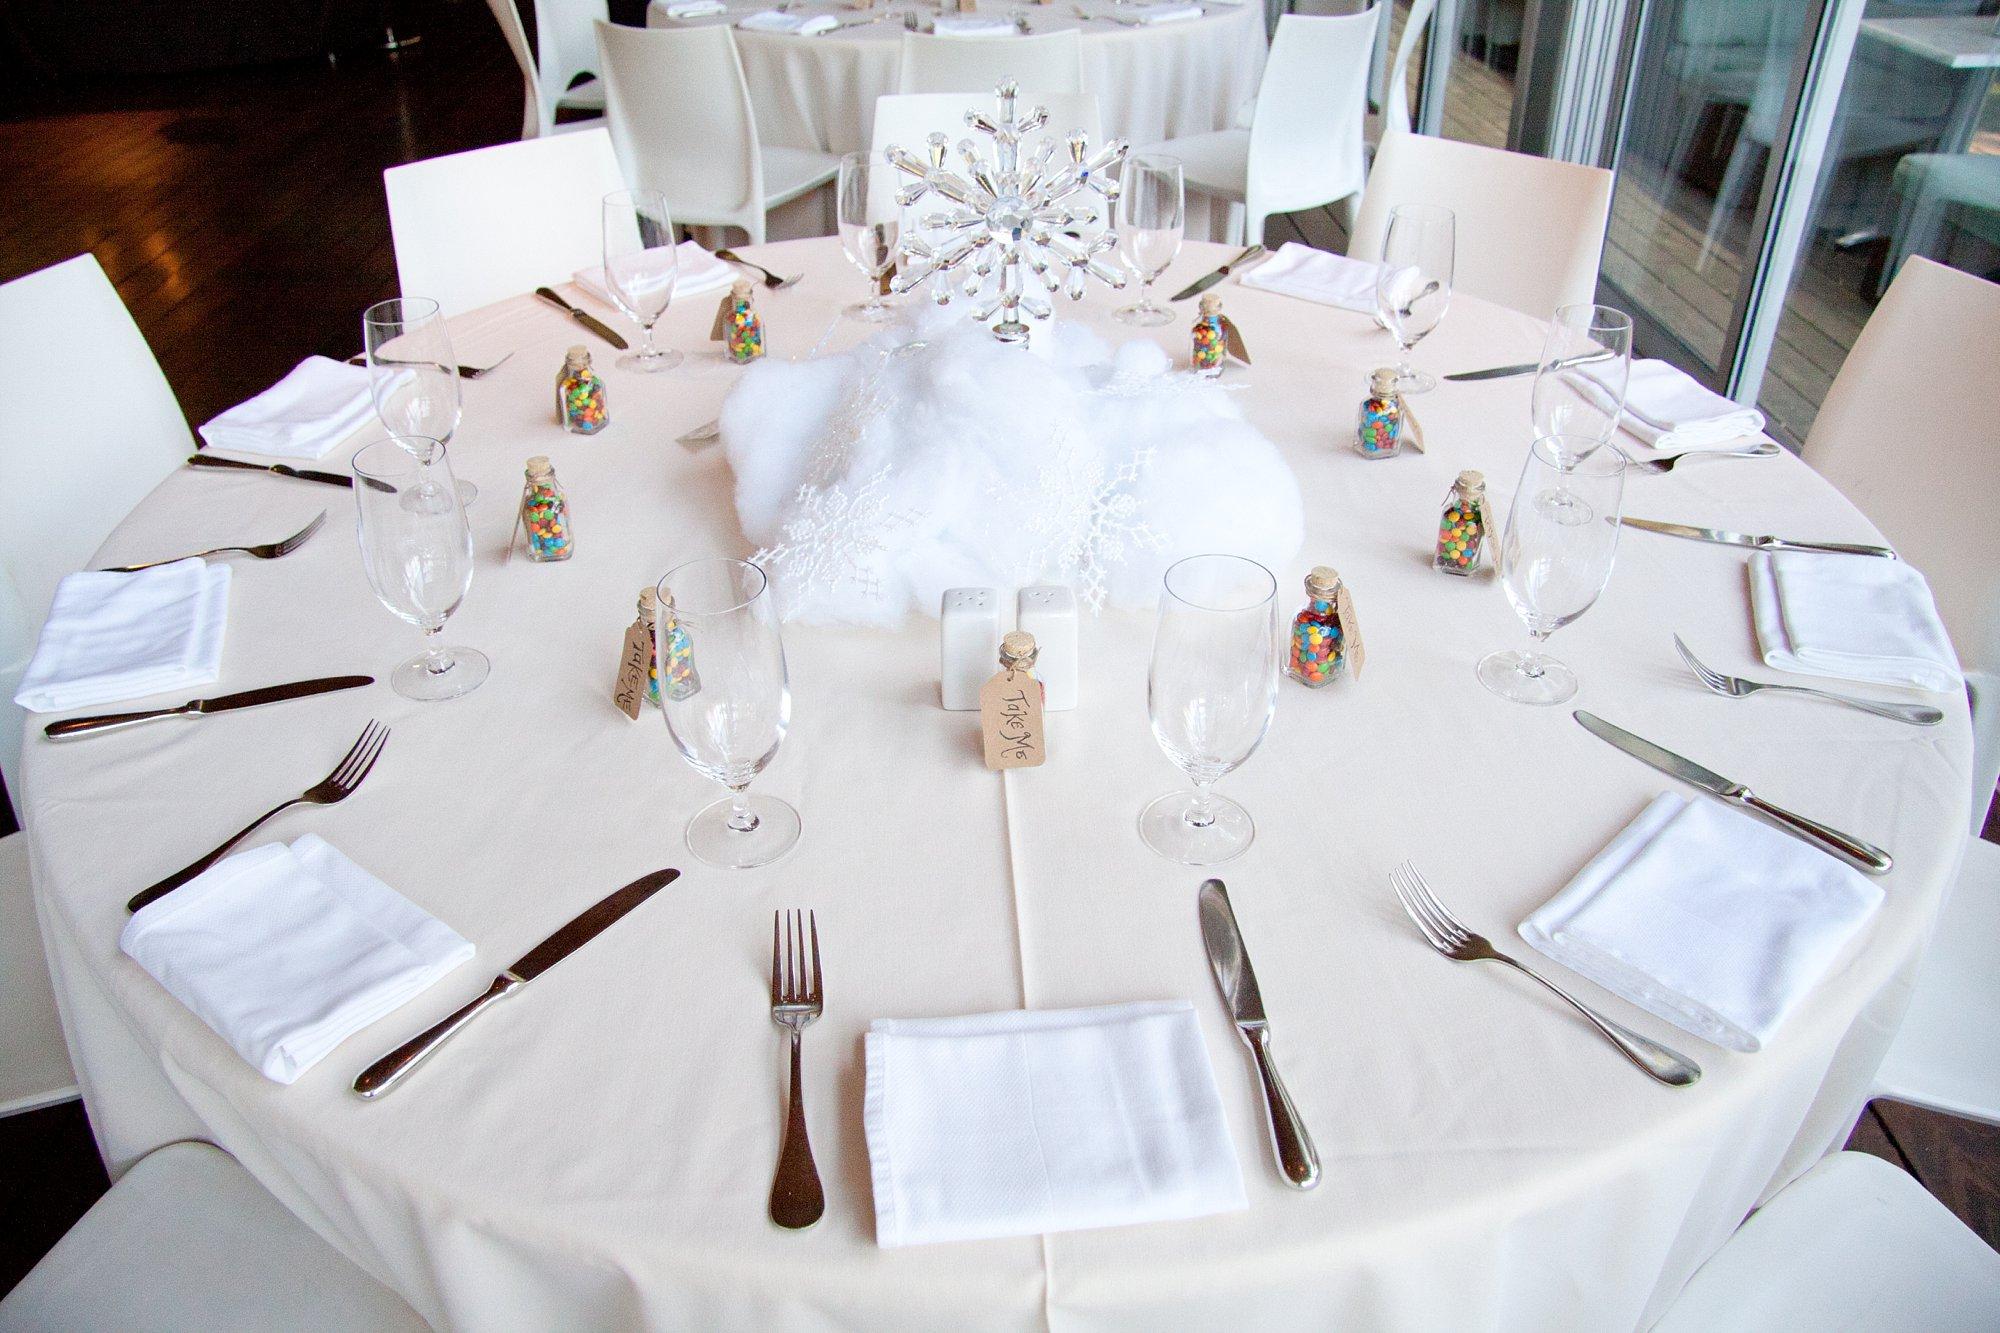 Centros de mesa para boda inspirados en pelculas Disney